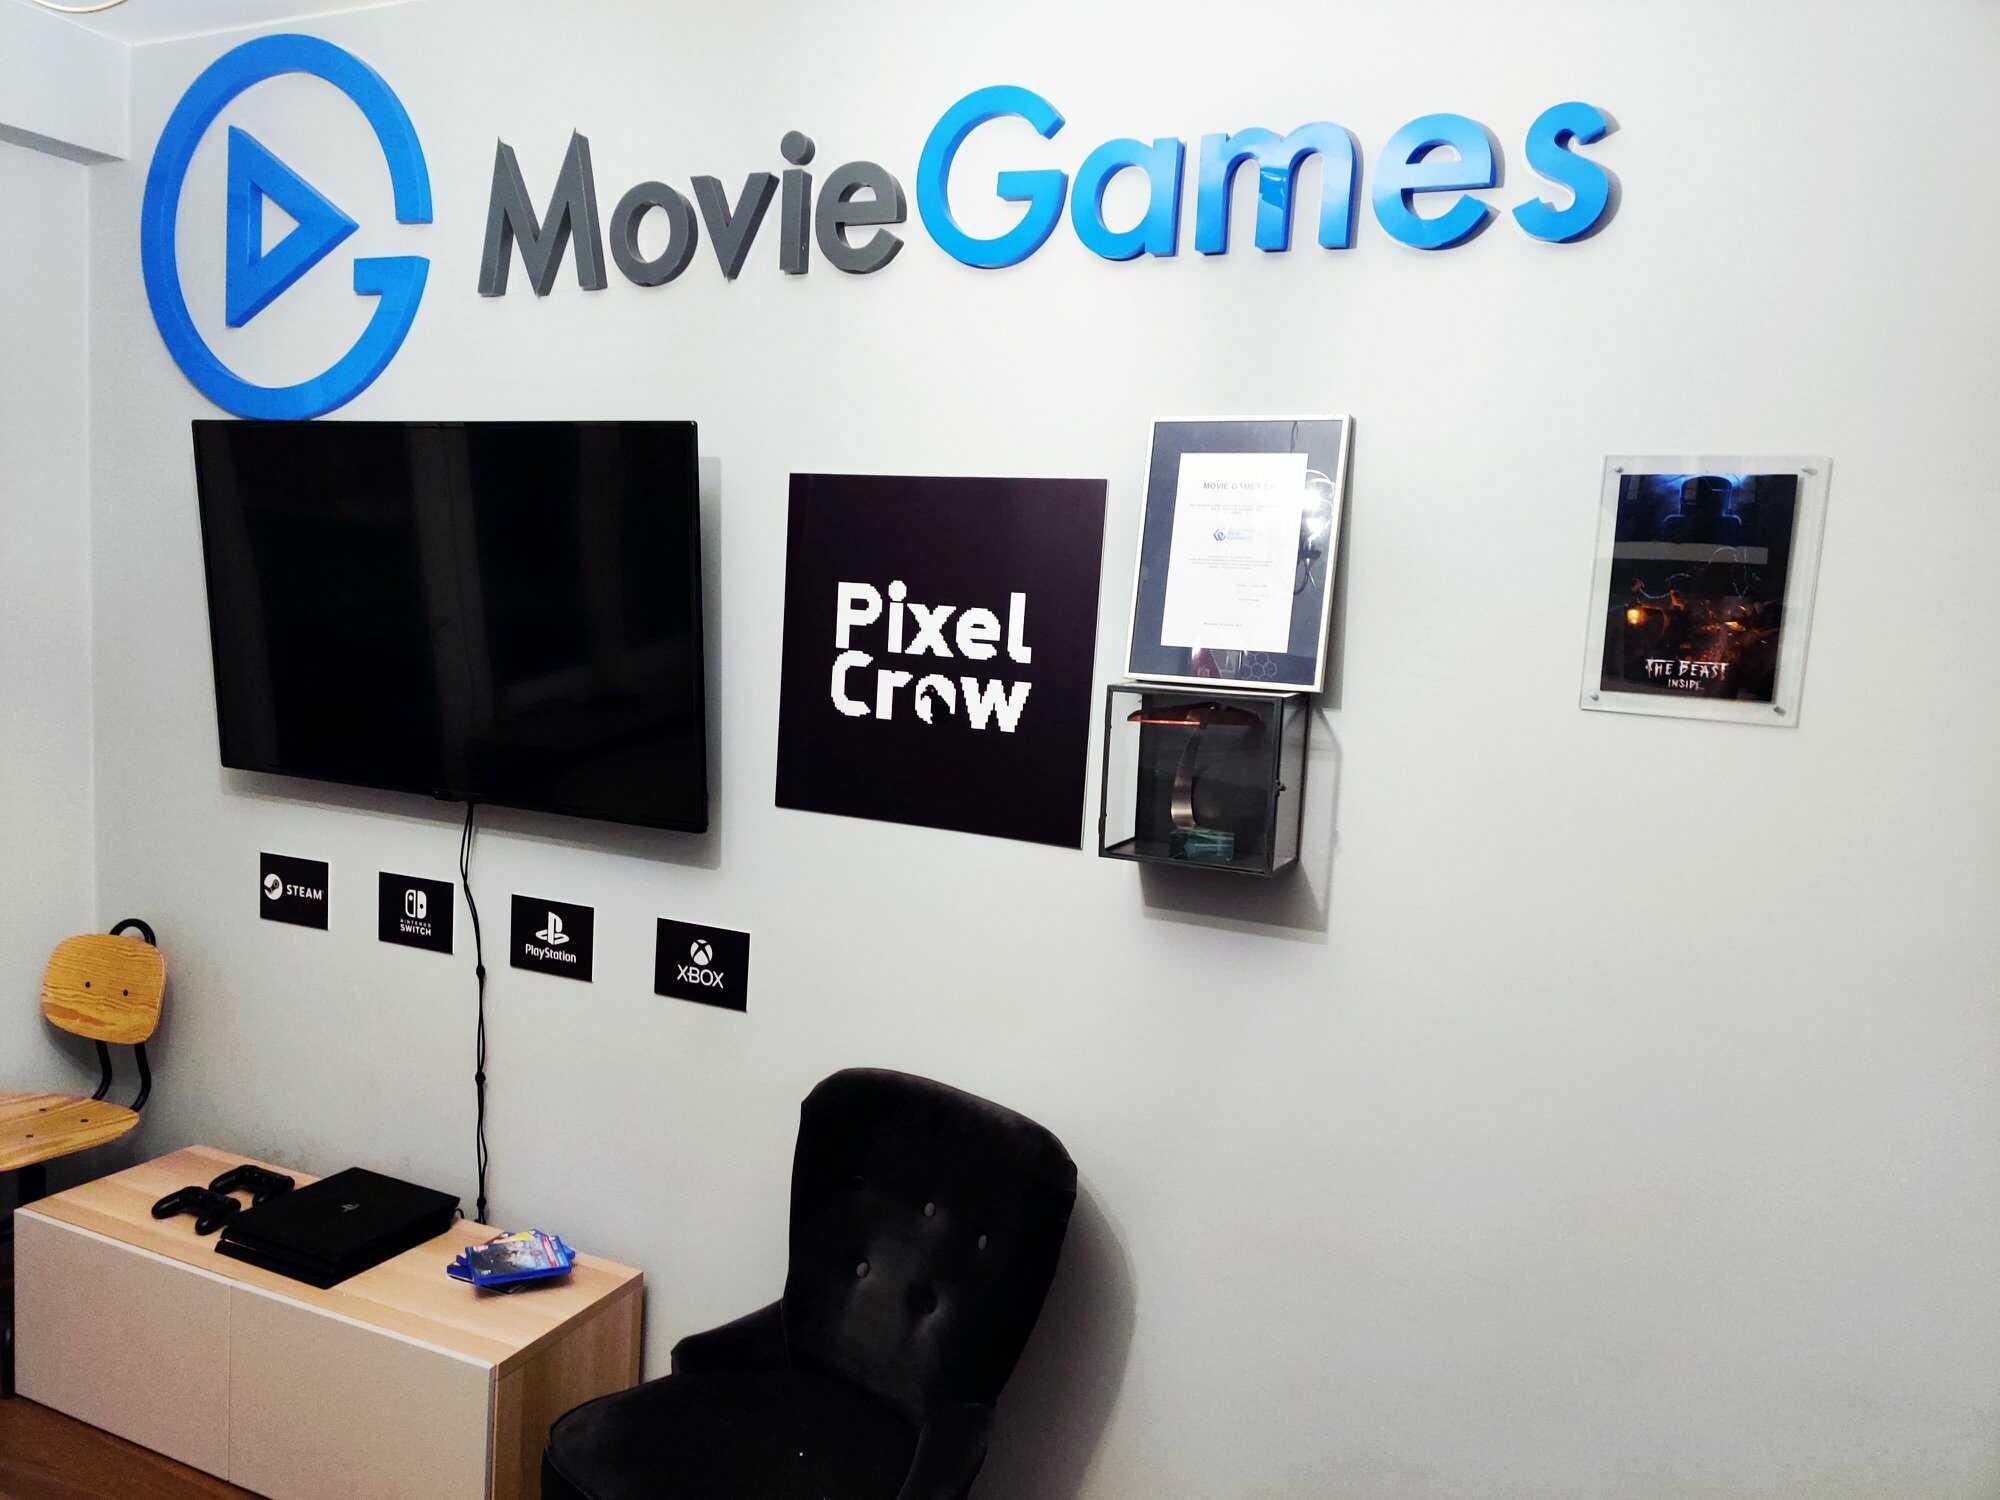 Movie Games rozpoczyna współpracę z Platige Image - zapiski giełdowego spekulanta